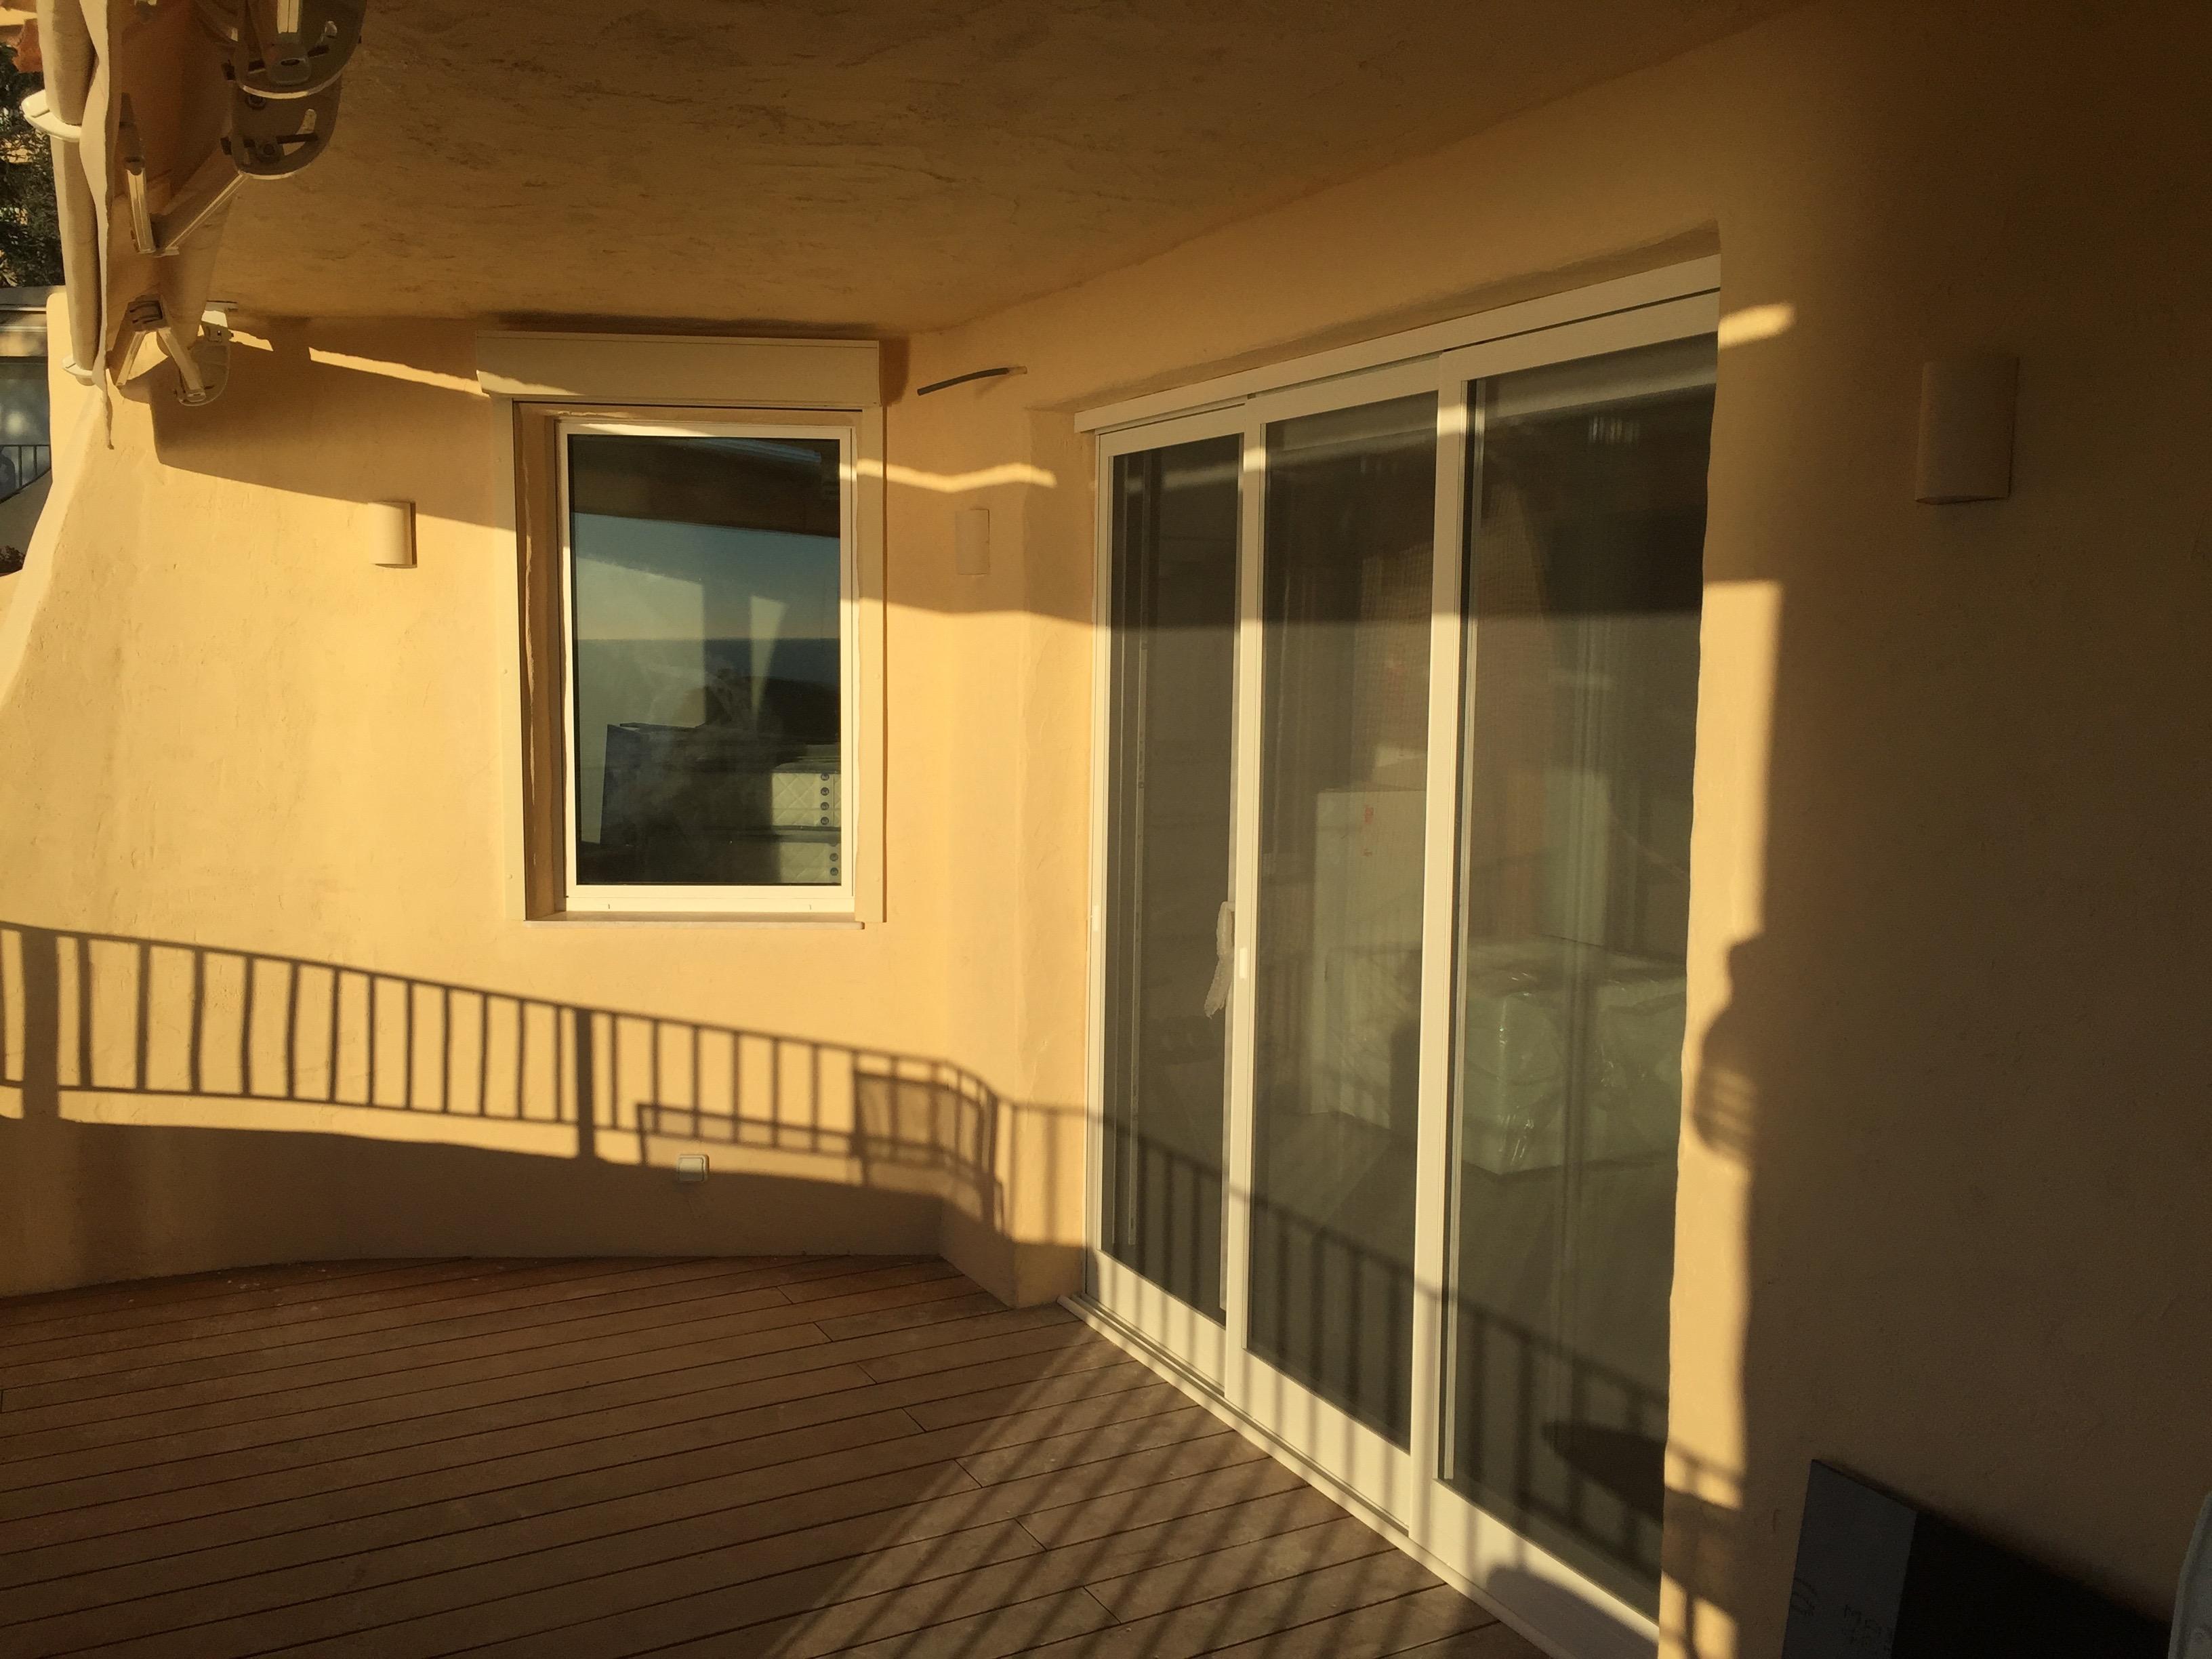 pose de moustiquaire 3 vantaux coulissant th oule sur mer belimed menuiseries exterieures 06. Black Bedroom Furniture Sets. Home Design Ideas